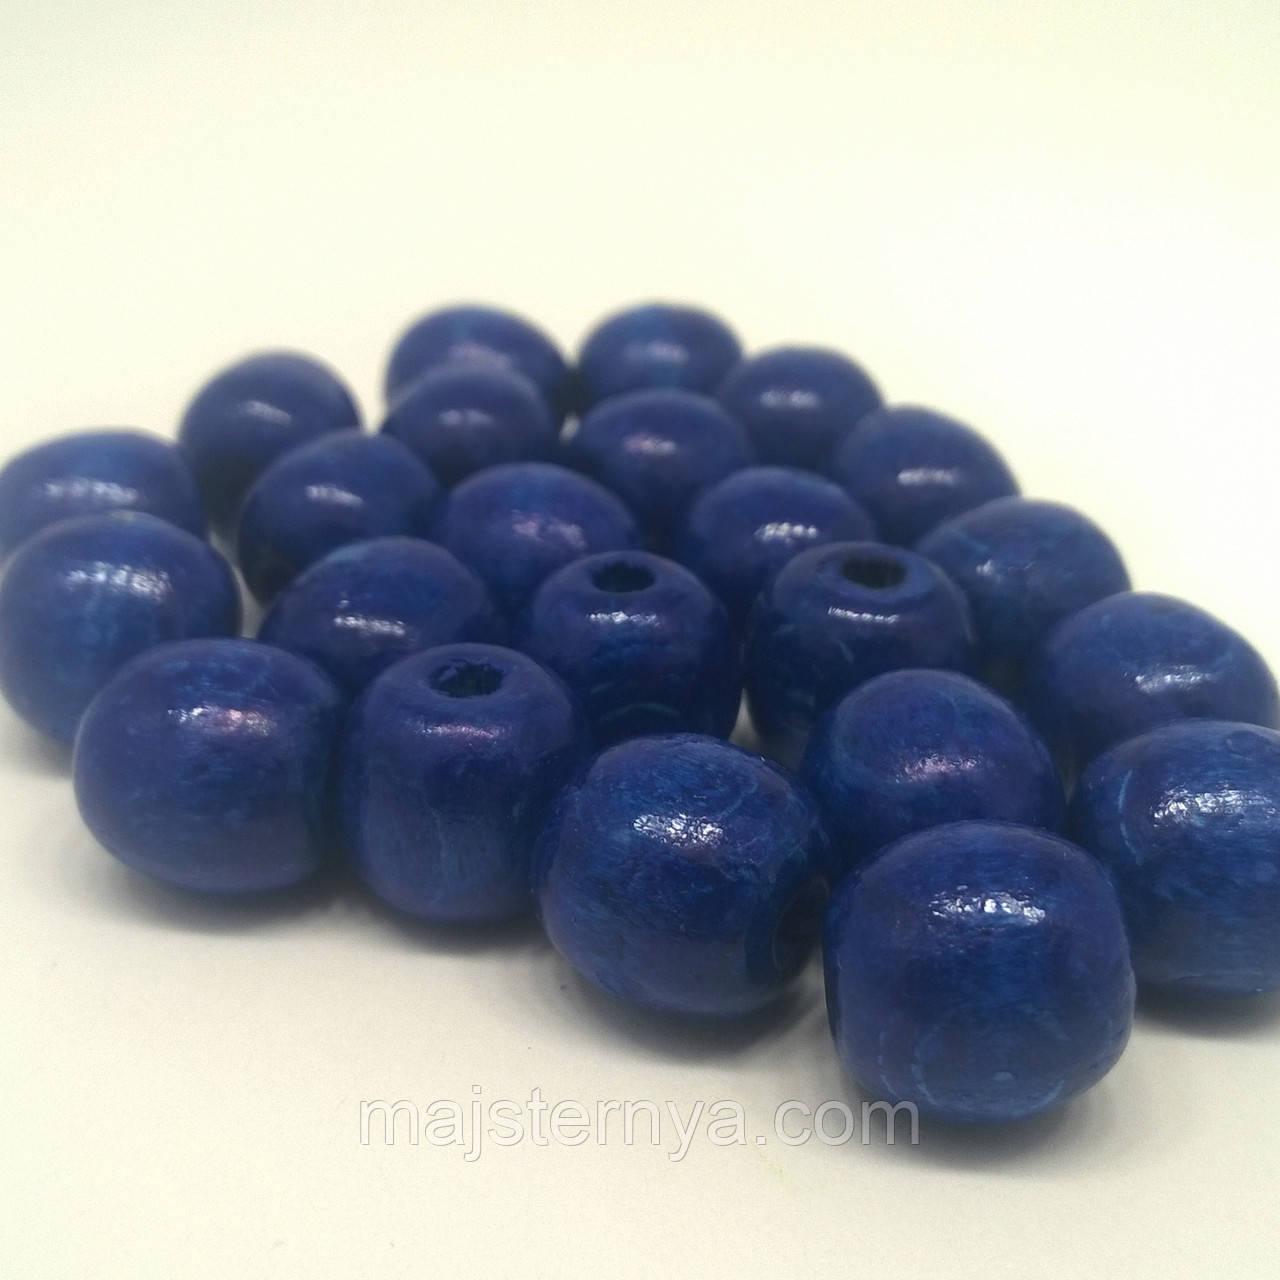 Дерев'яні бусини 1,3см синього кольору